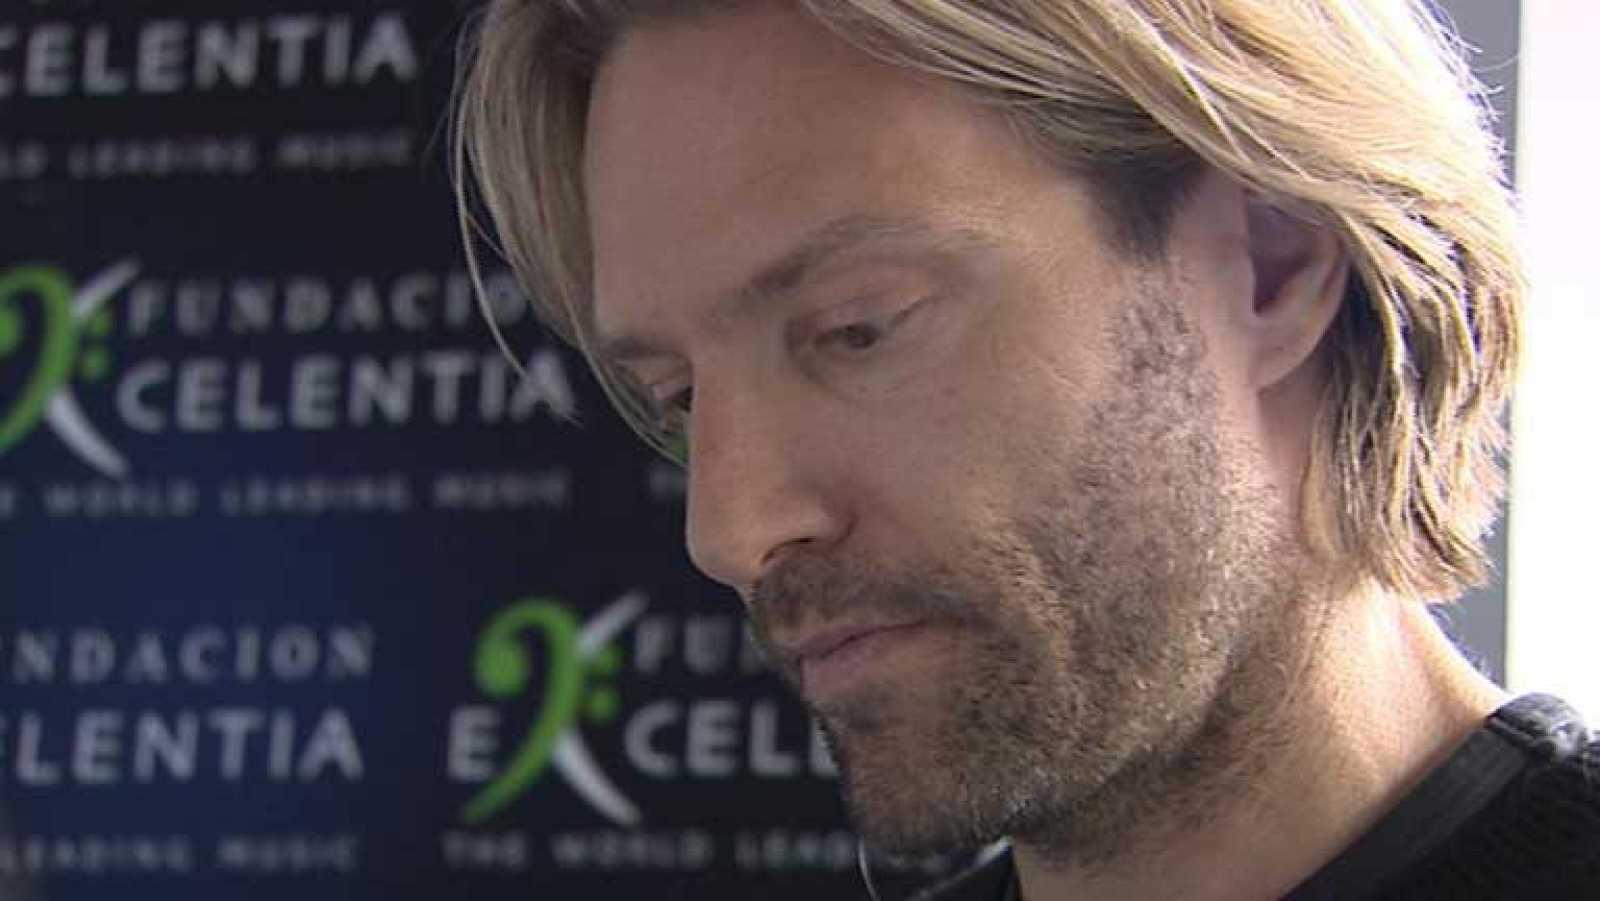 Eric Whitacre ofrecerá mañana un concierto en el Auditorio Nacional